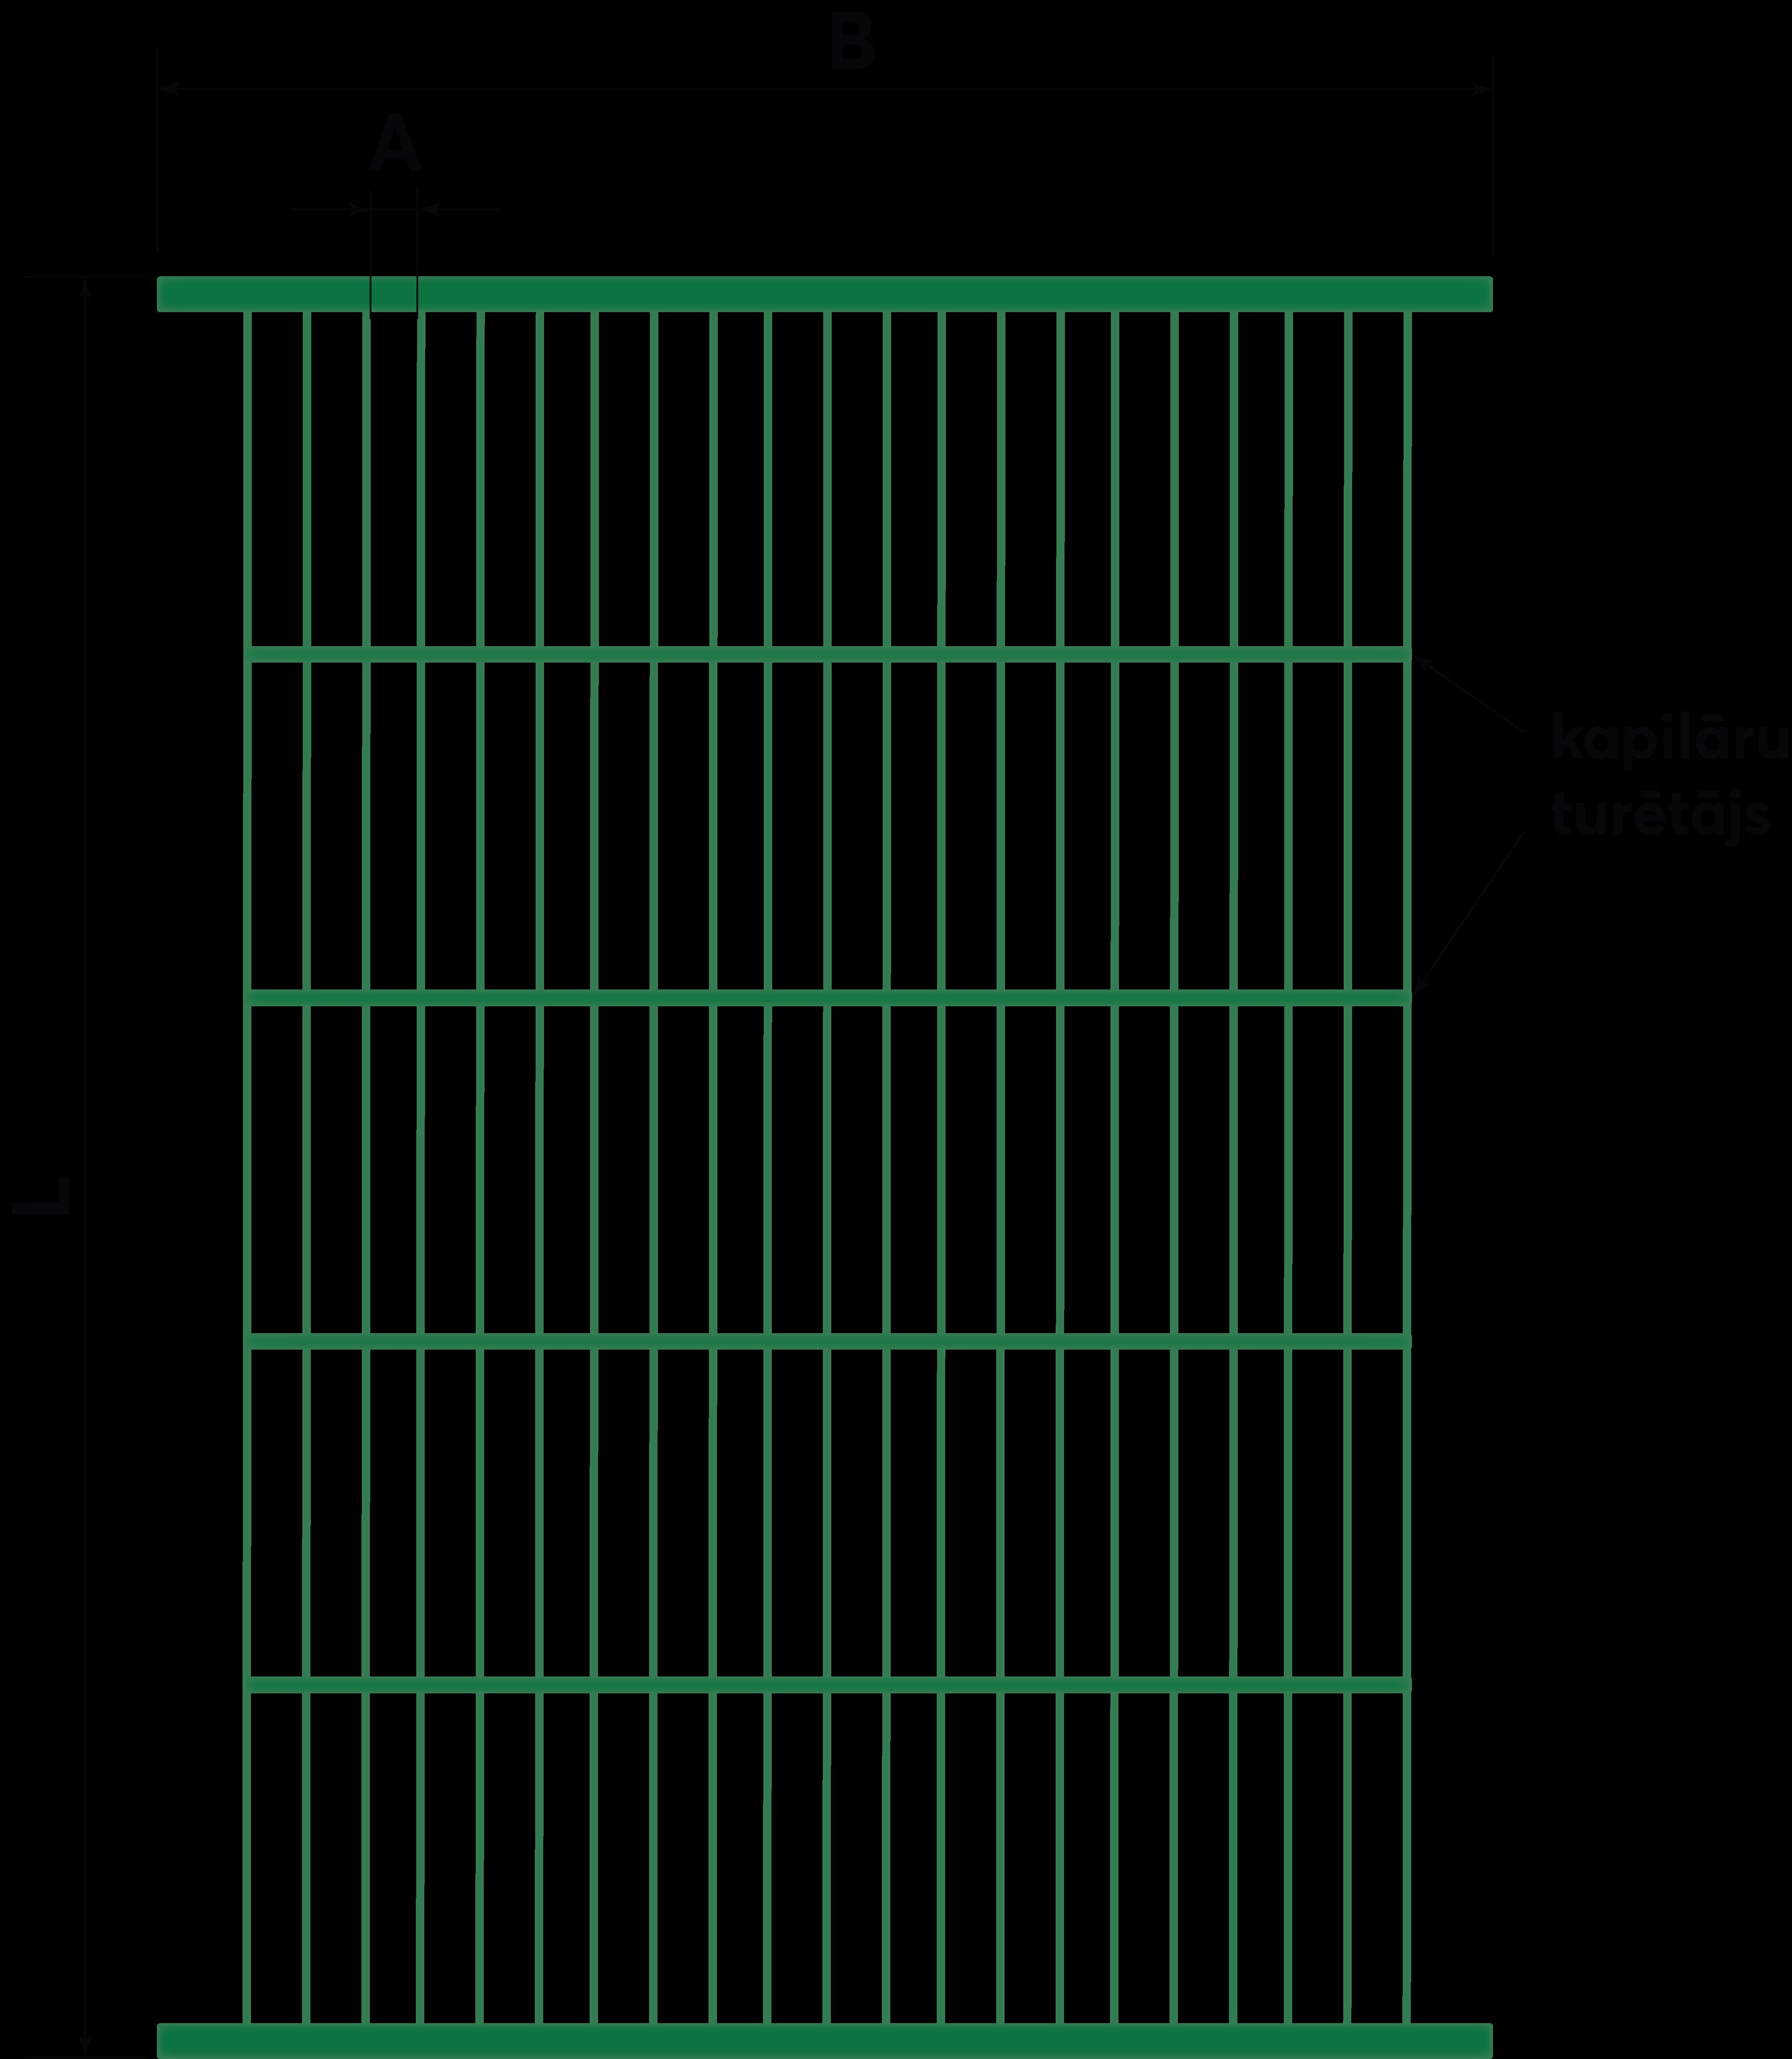 Asset 1g20-mat